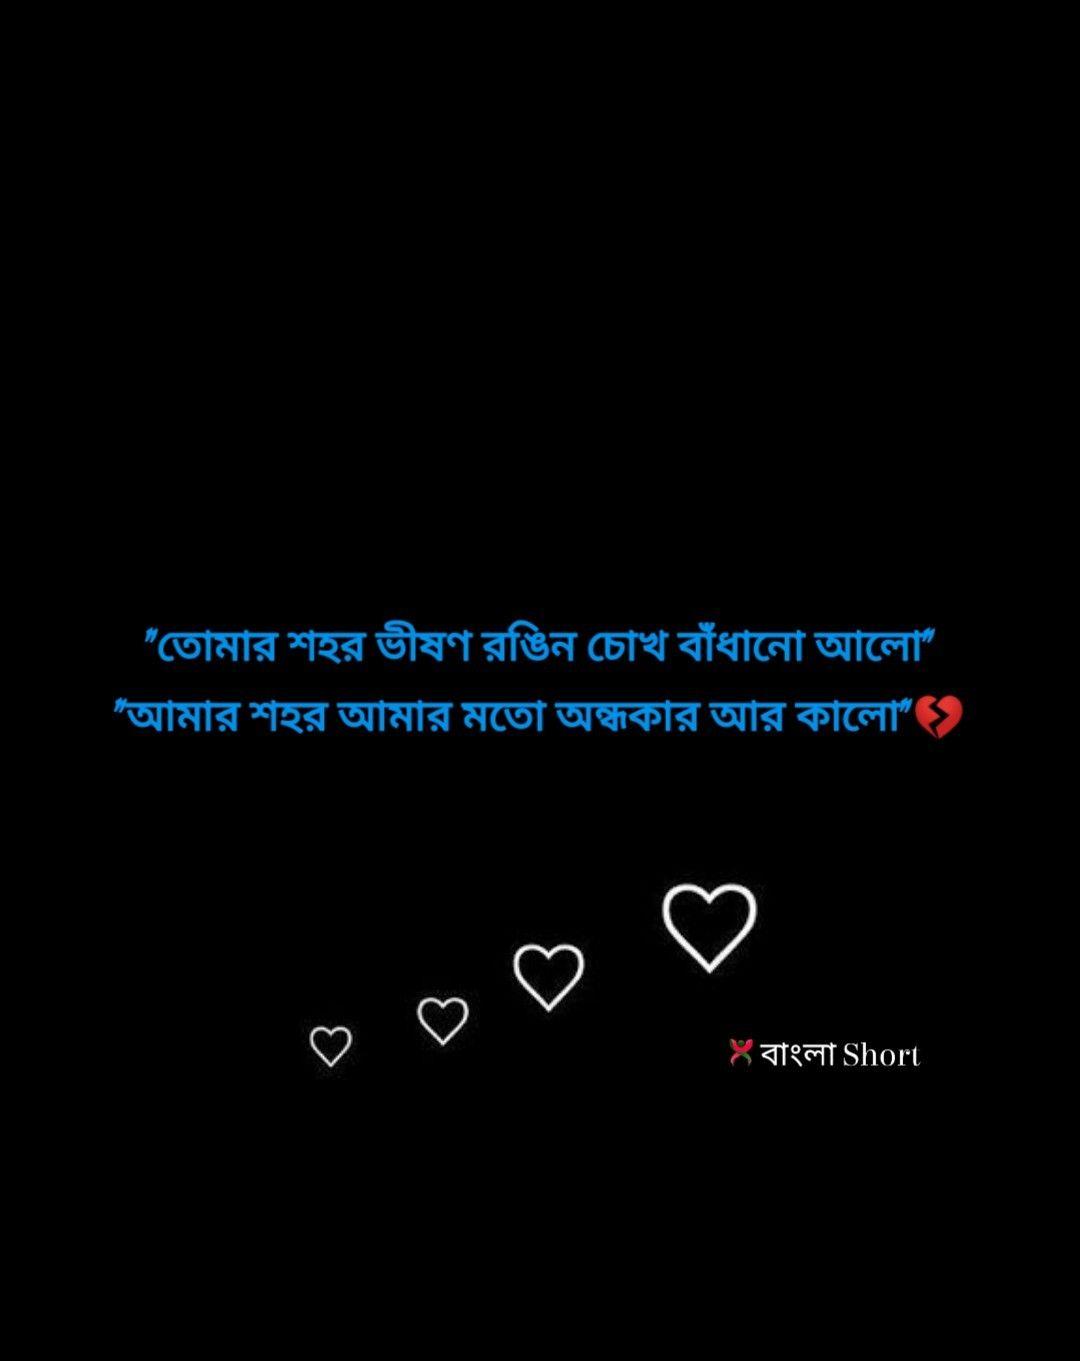 ☺বিষন্ন_কাক পেইজ Bangla short | Bangla quotes, Love quotes ...